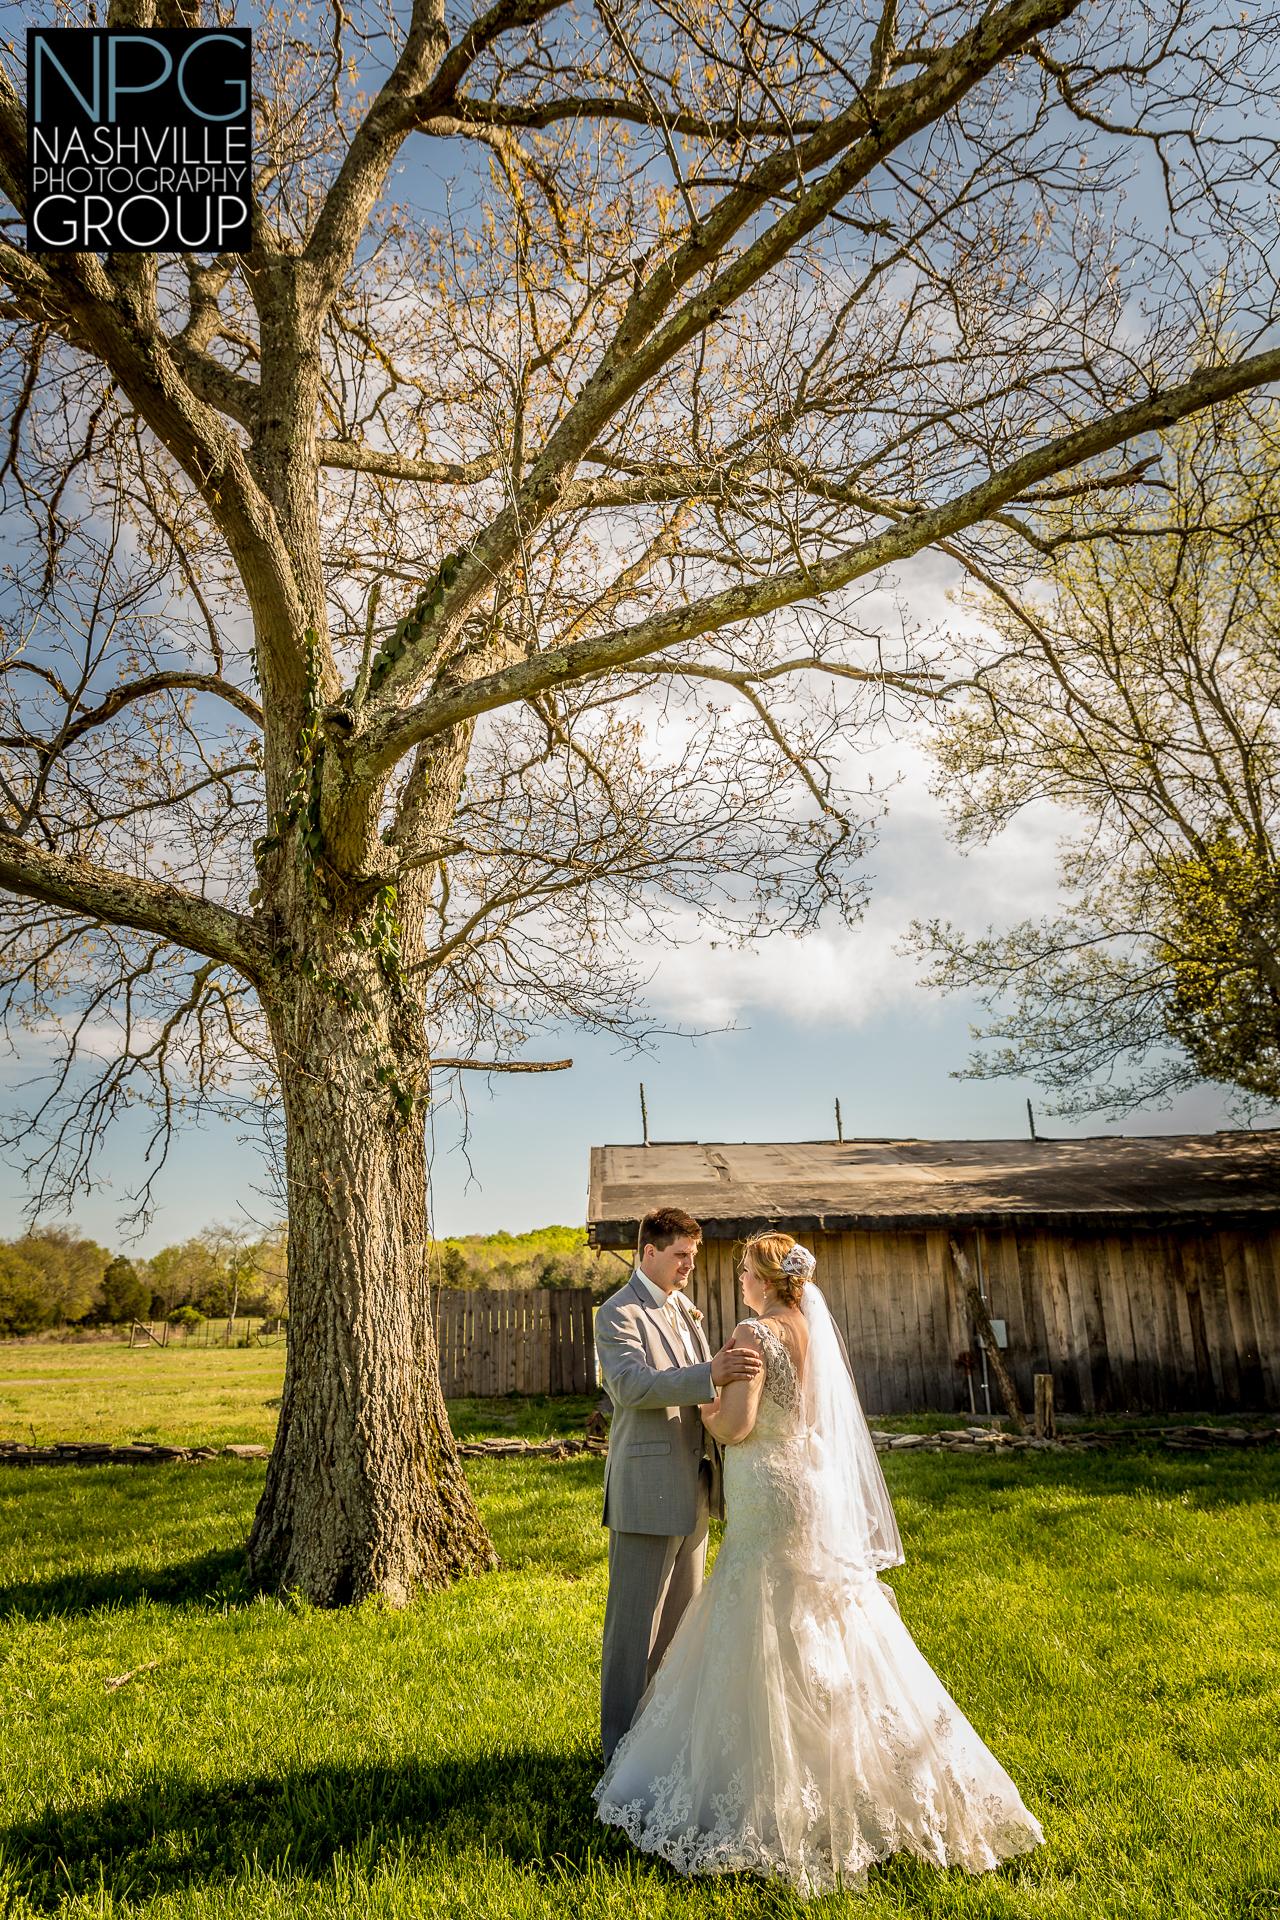 Nashville Photography Group wedding photographers-1.jpg